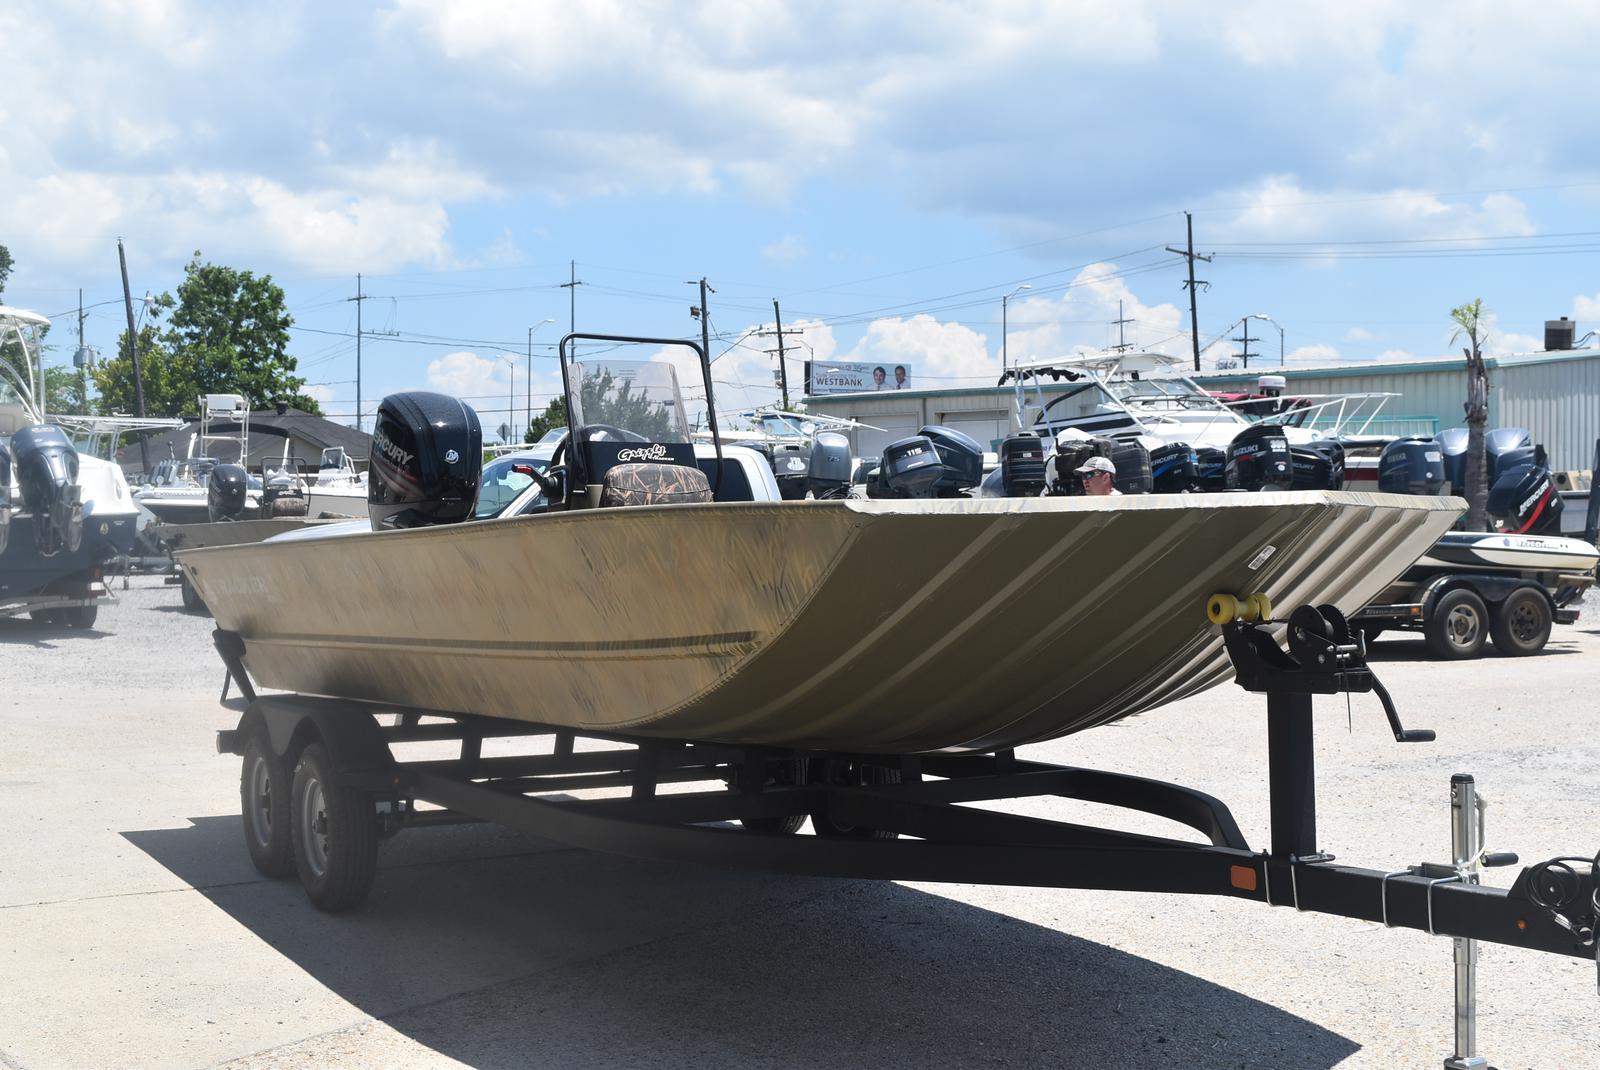 New  2019 Tracker Boats Fishing Boat in Marrero, Louisiana